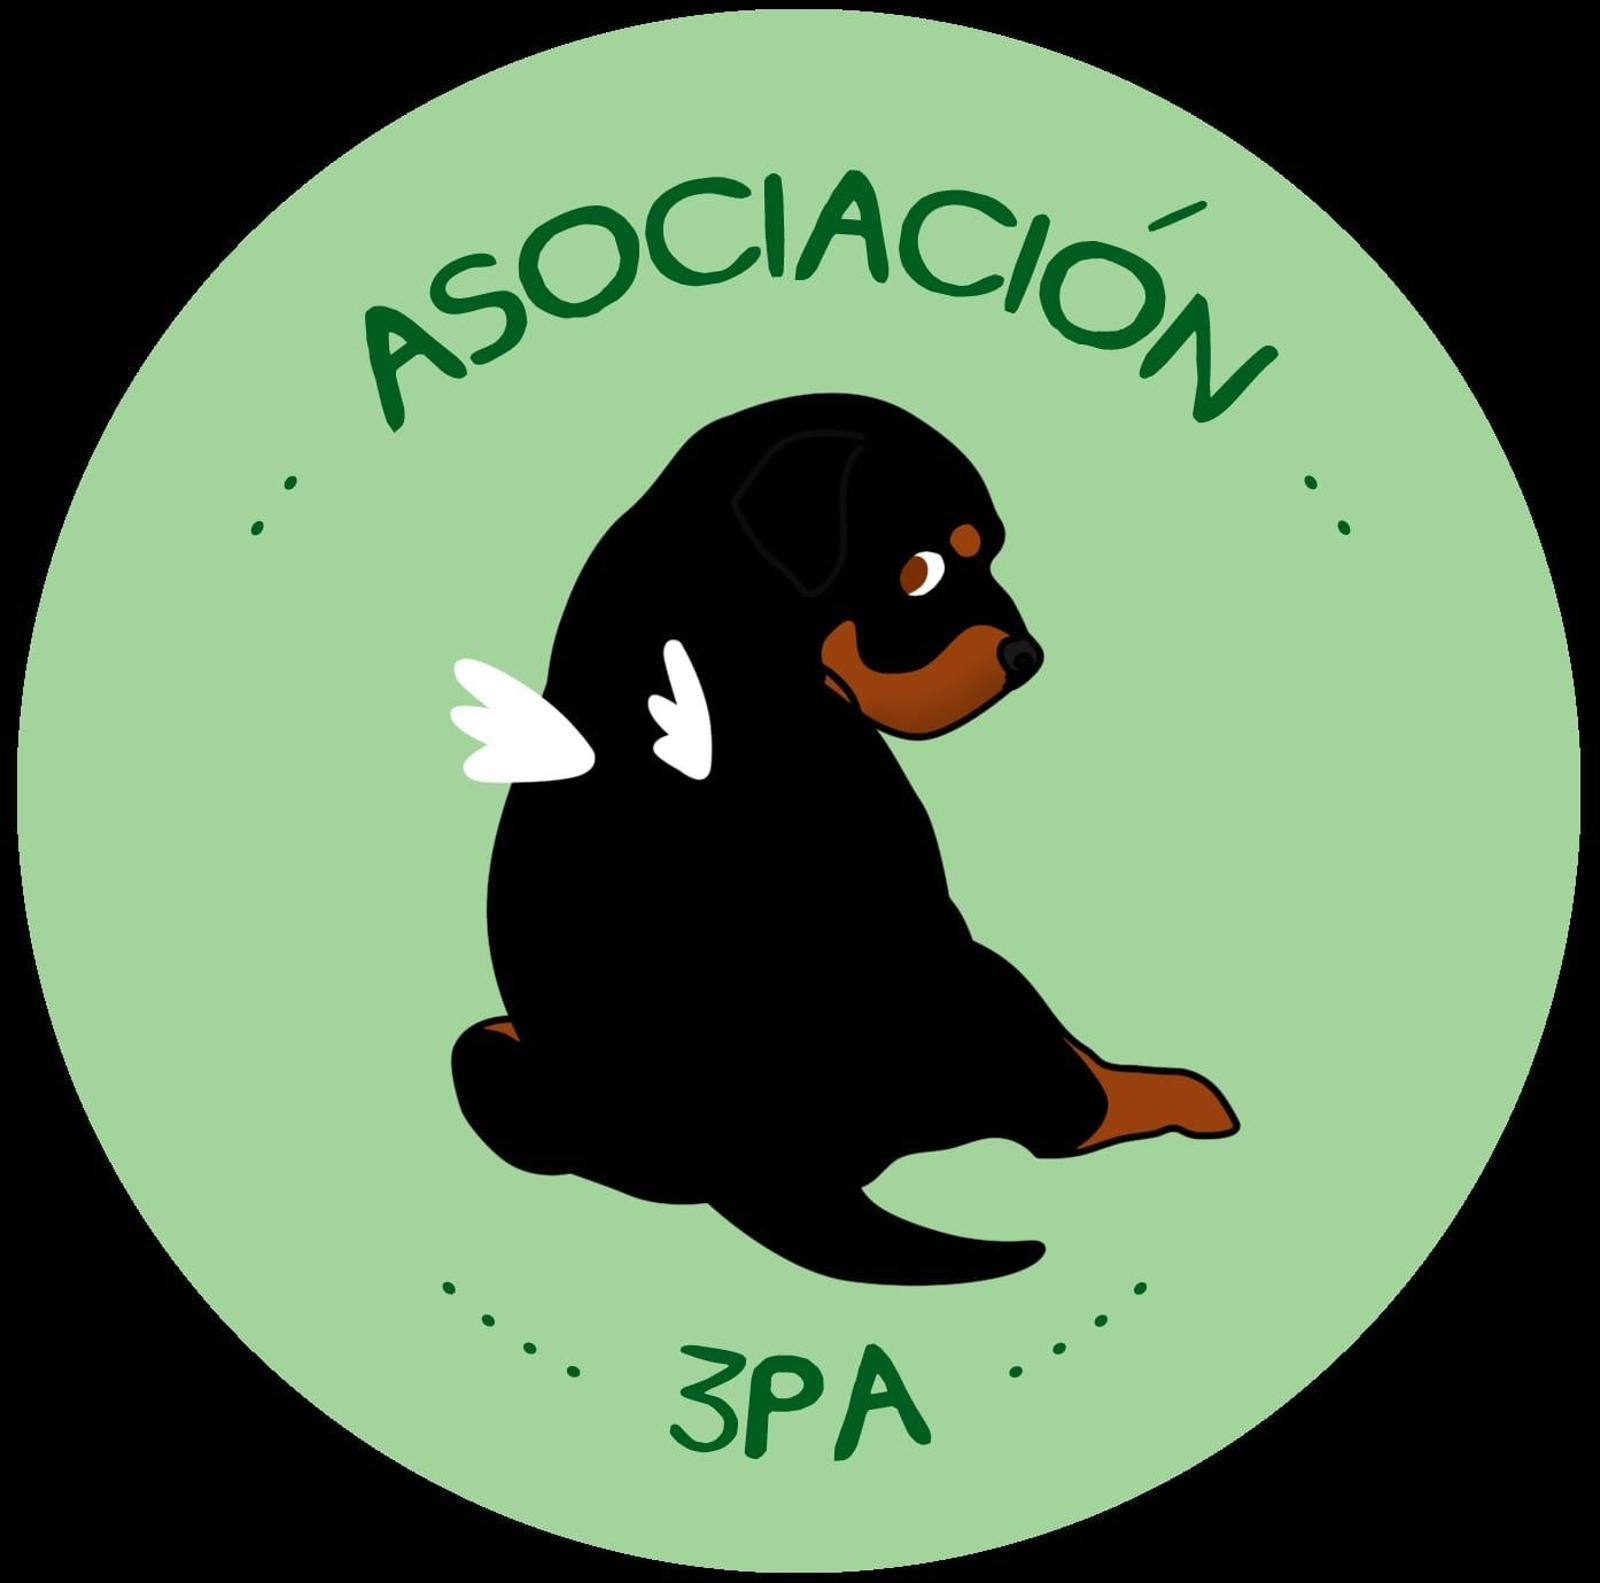 Ppp en adopción 3Pa